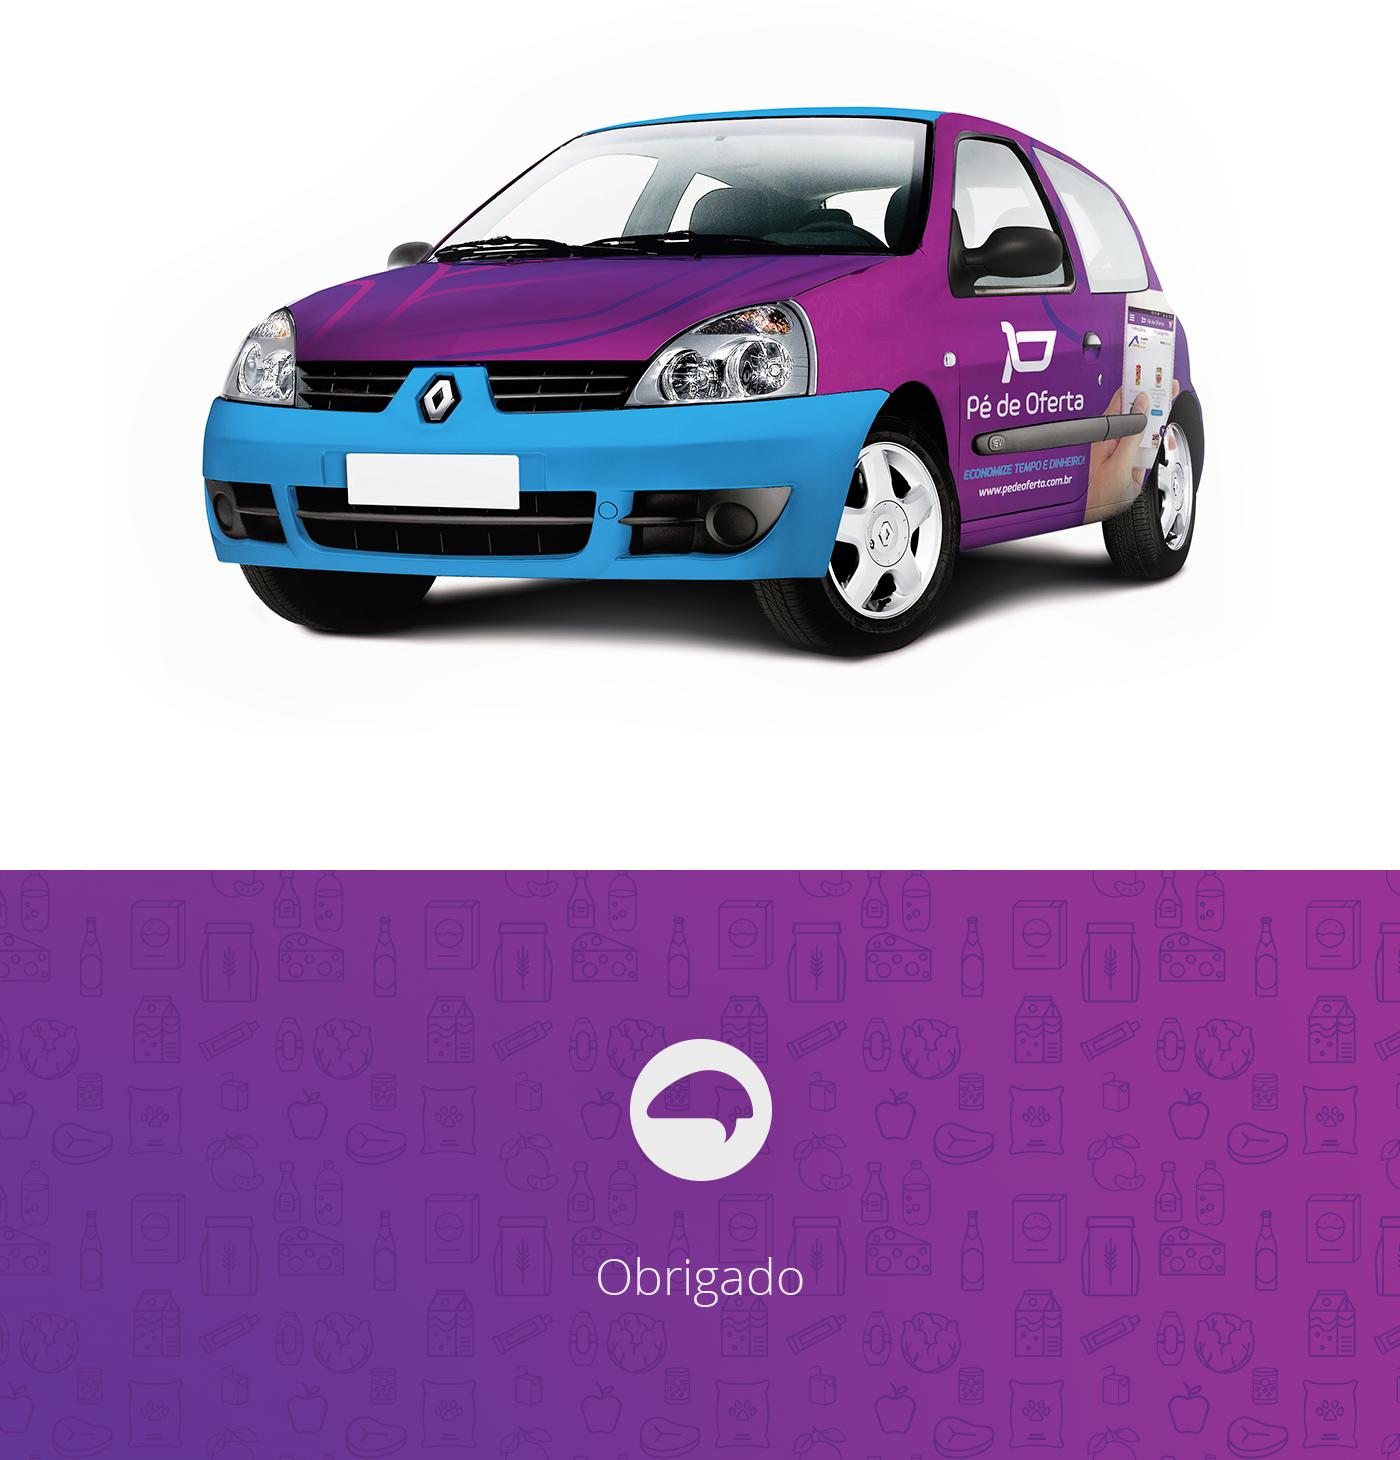 brand design estratégico lettering corporative identity Retail Icon app Digital Brand marca strategic design